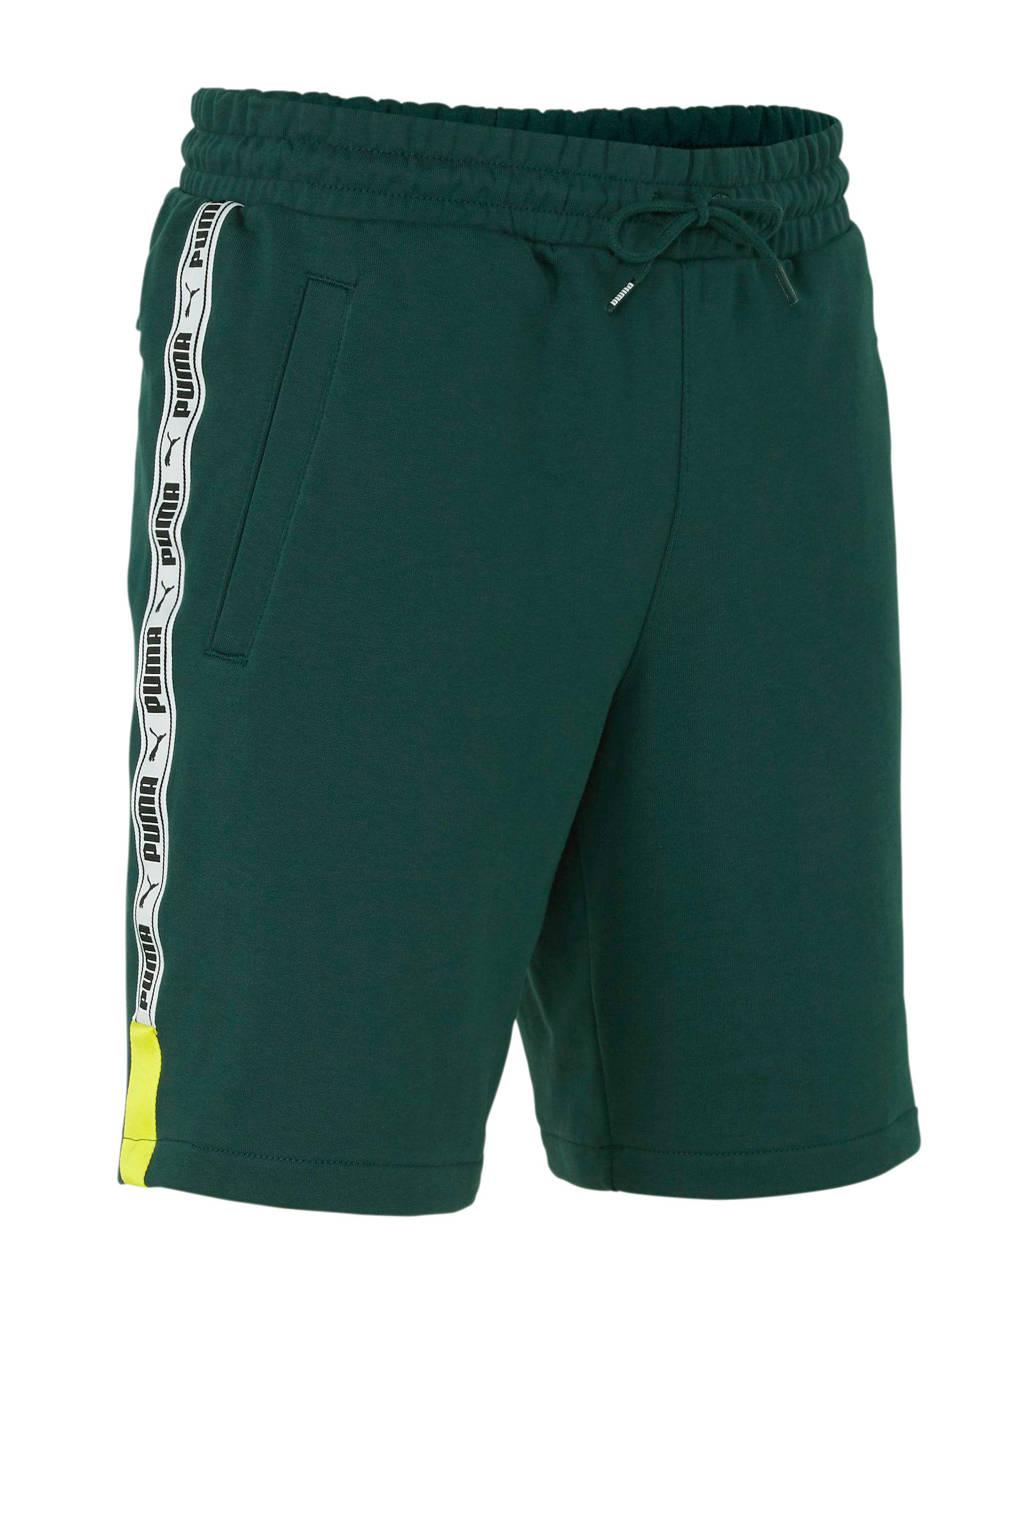 Puma   XTG short met zijstreep groen, Groen